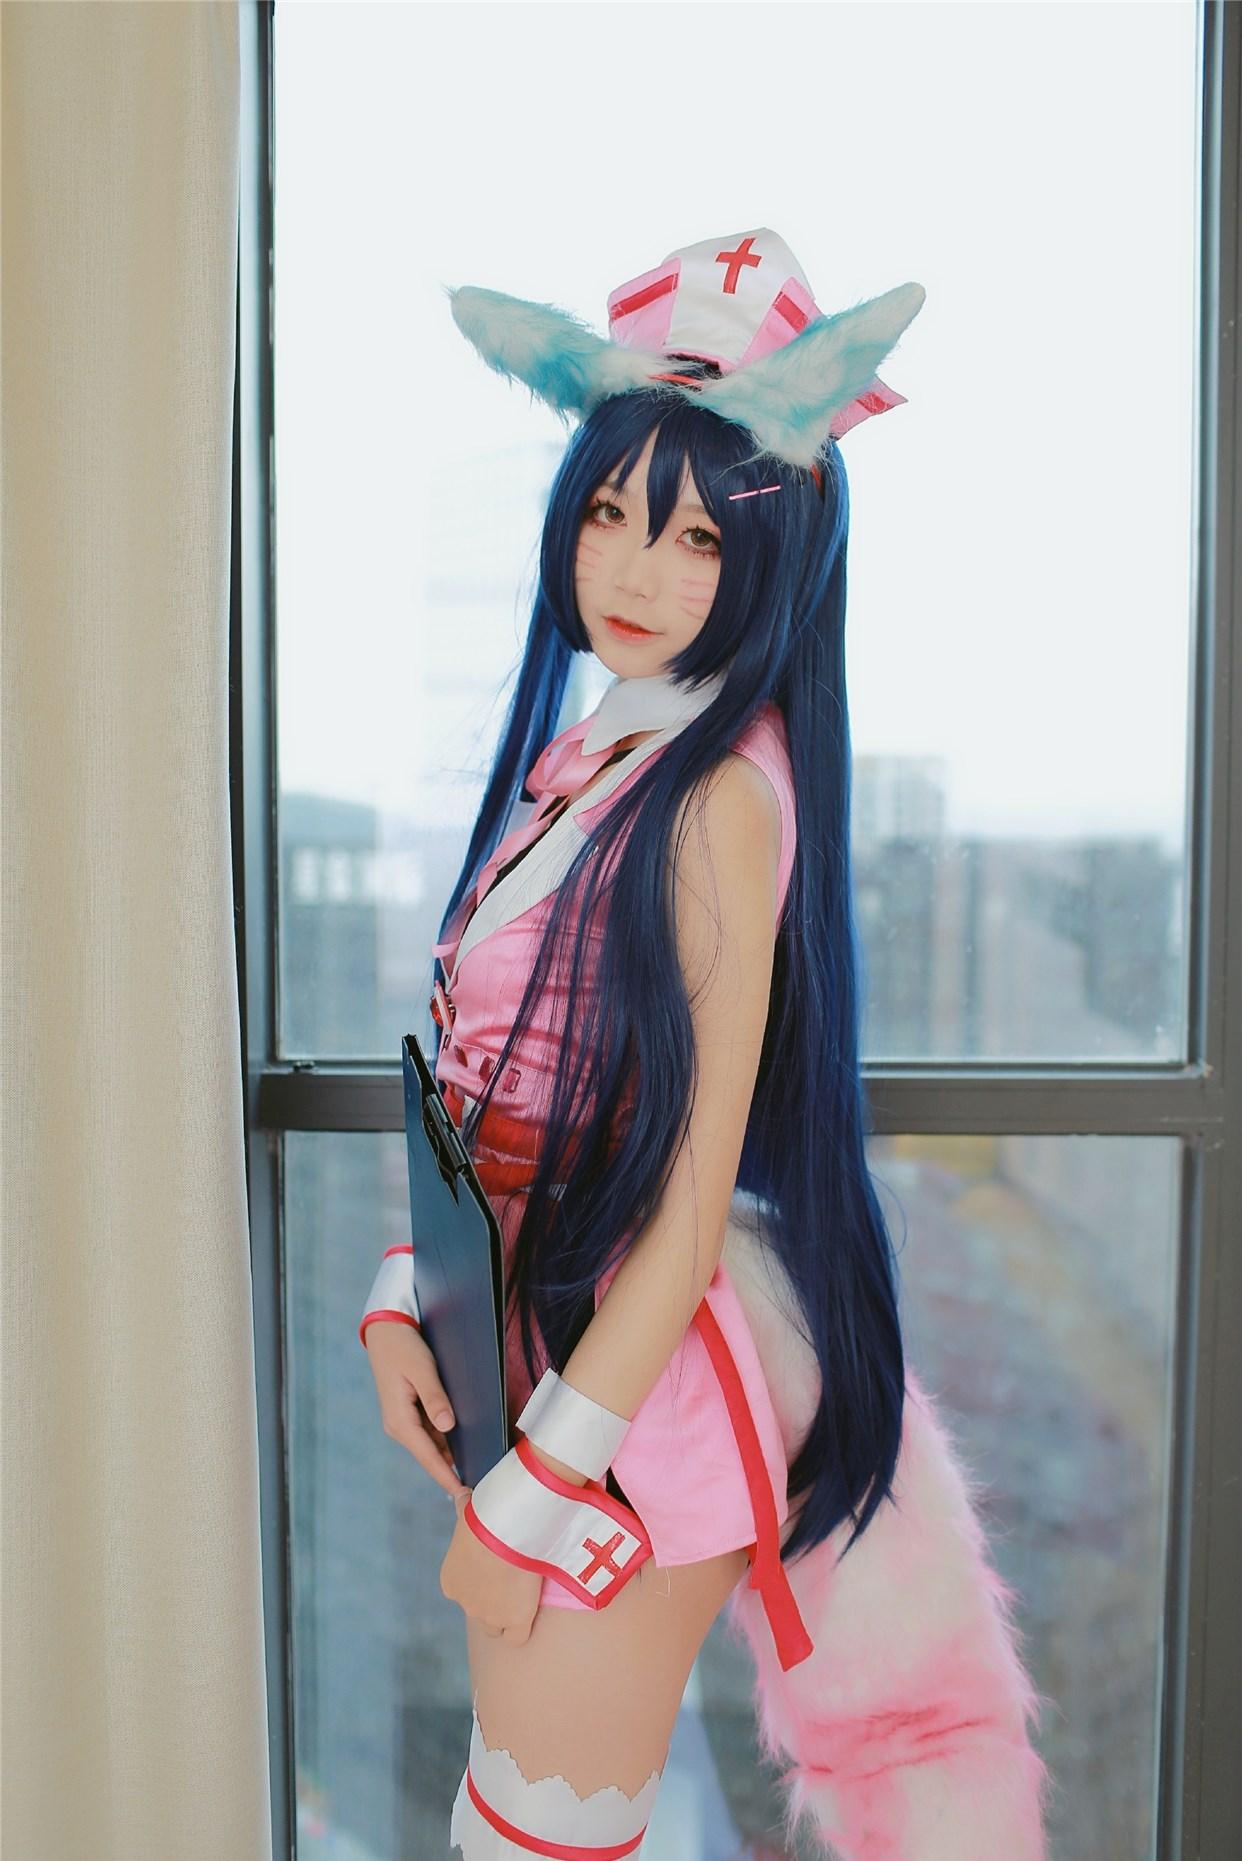 【兔玩映画】让阿狸好好宠爱你吧 兔玩映画 第5张